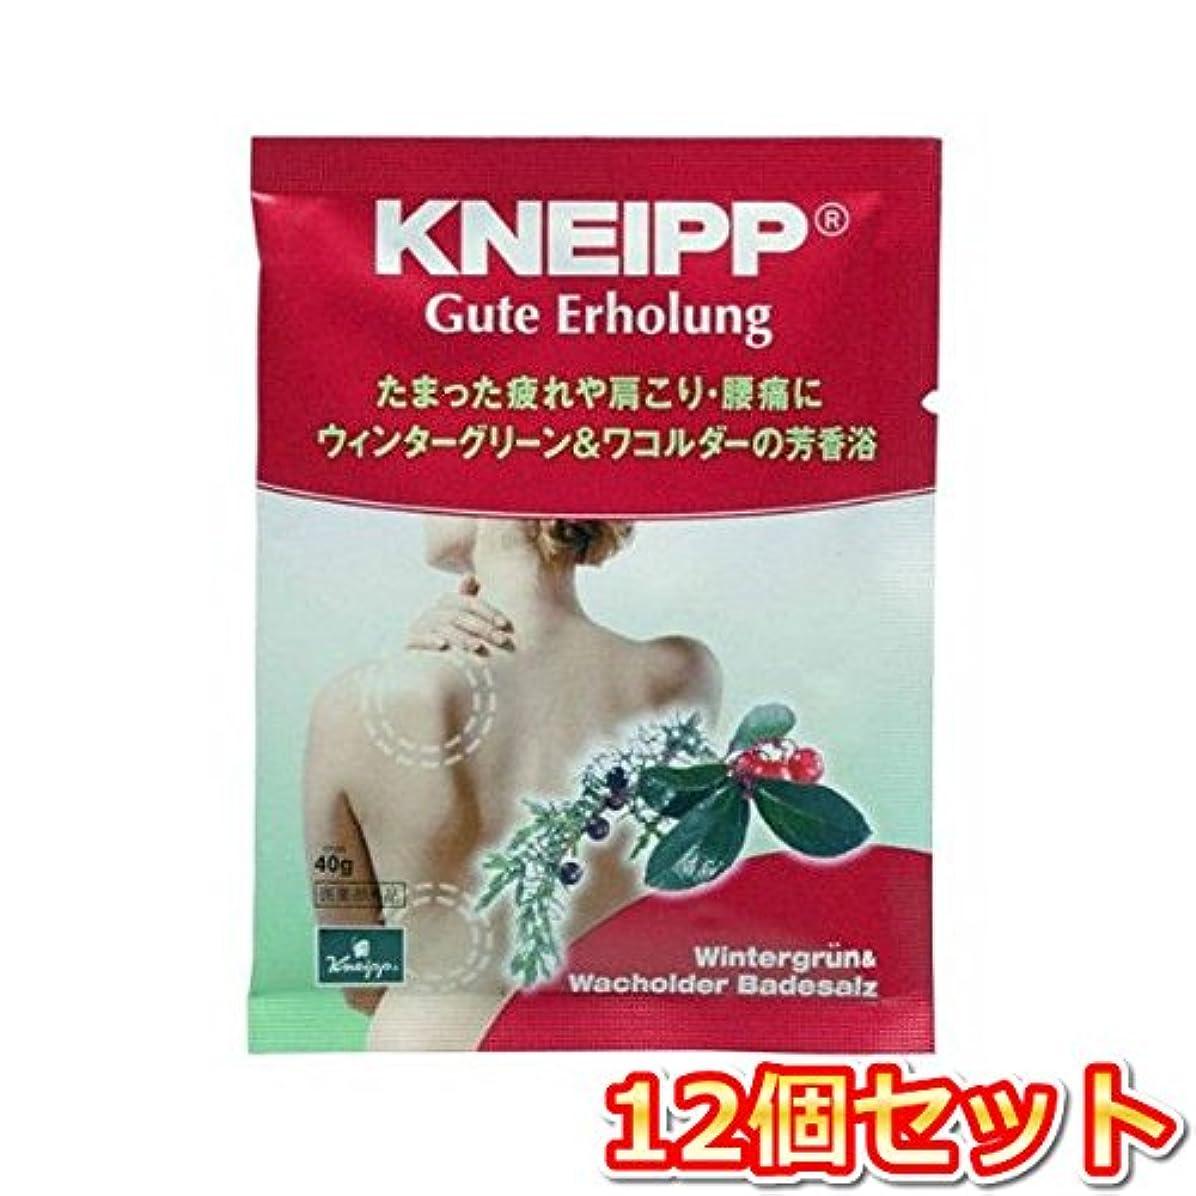 目の前の最少好色なクナイプ?ジャパン クナイプグーテエアホールング ウィンターグリーン&ワコルダー 40g(医薬部外品) 12個セット